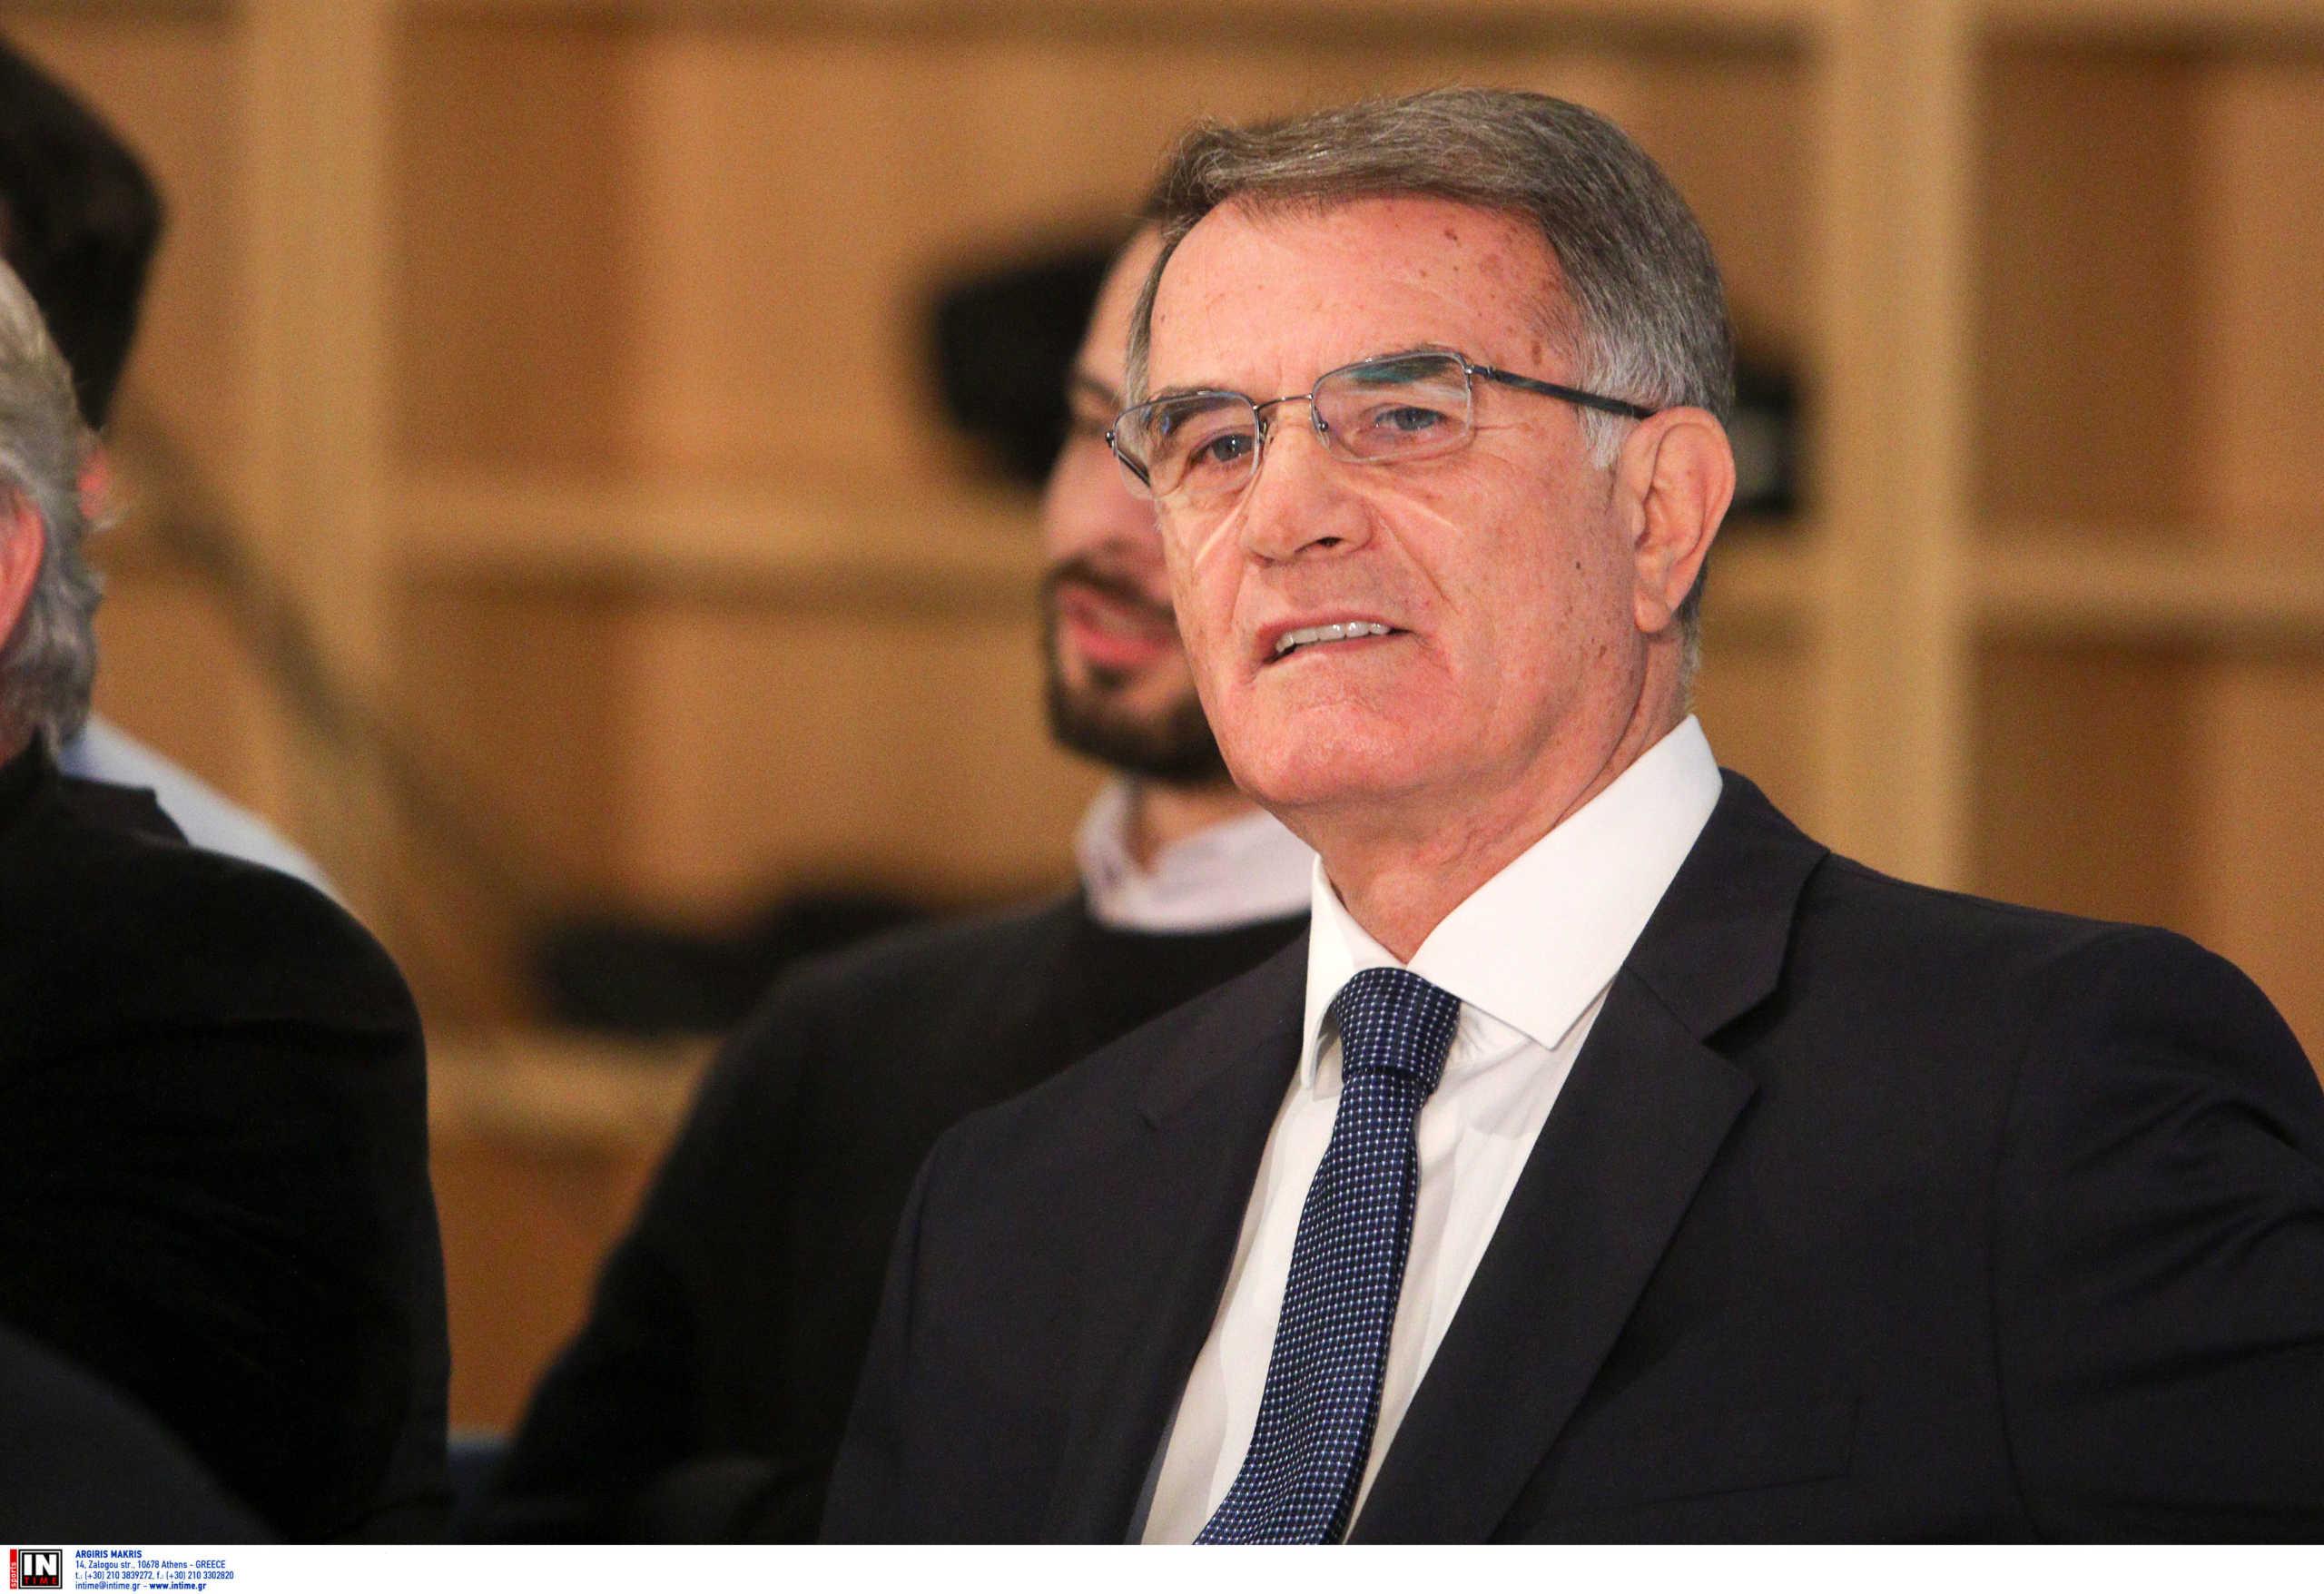 Ο Ντούσαν Μπάγεβιτς αποχωρεί από τον πάγκο της Βοσνίας